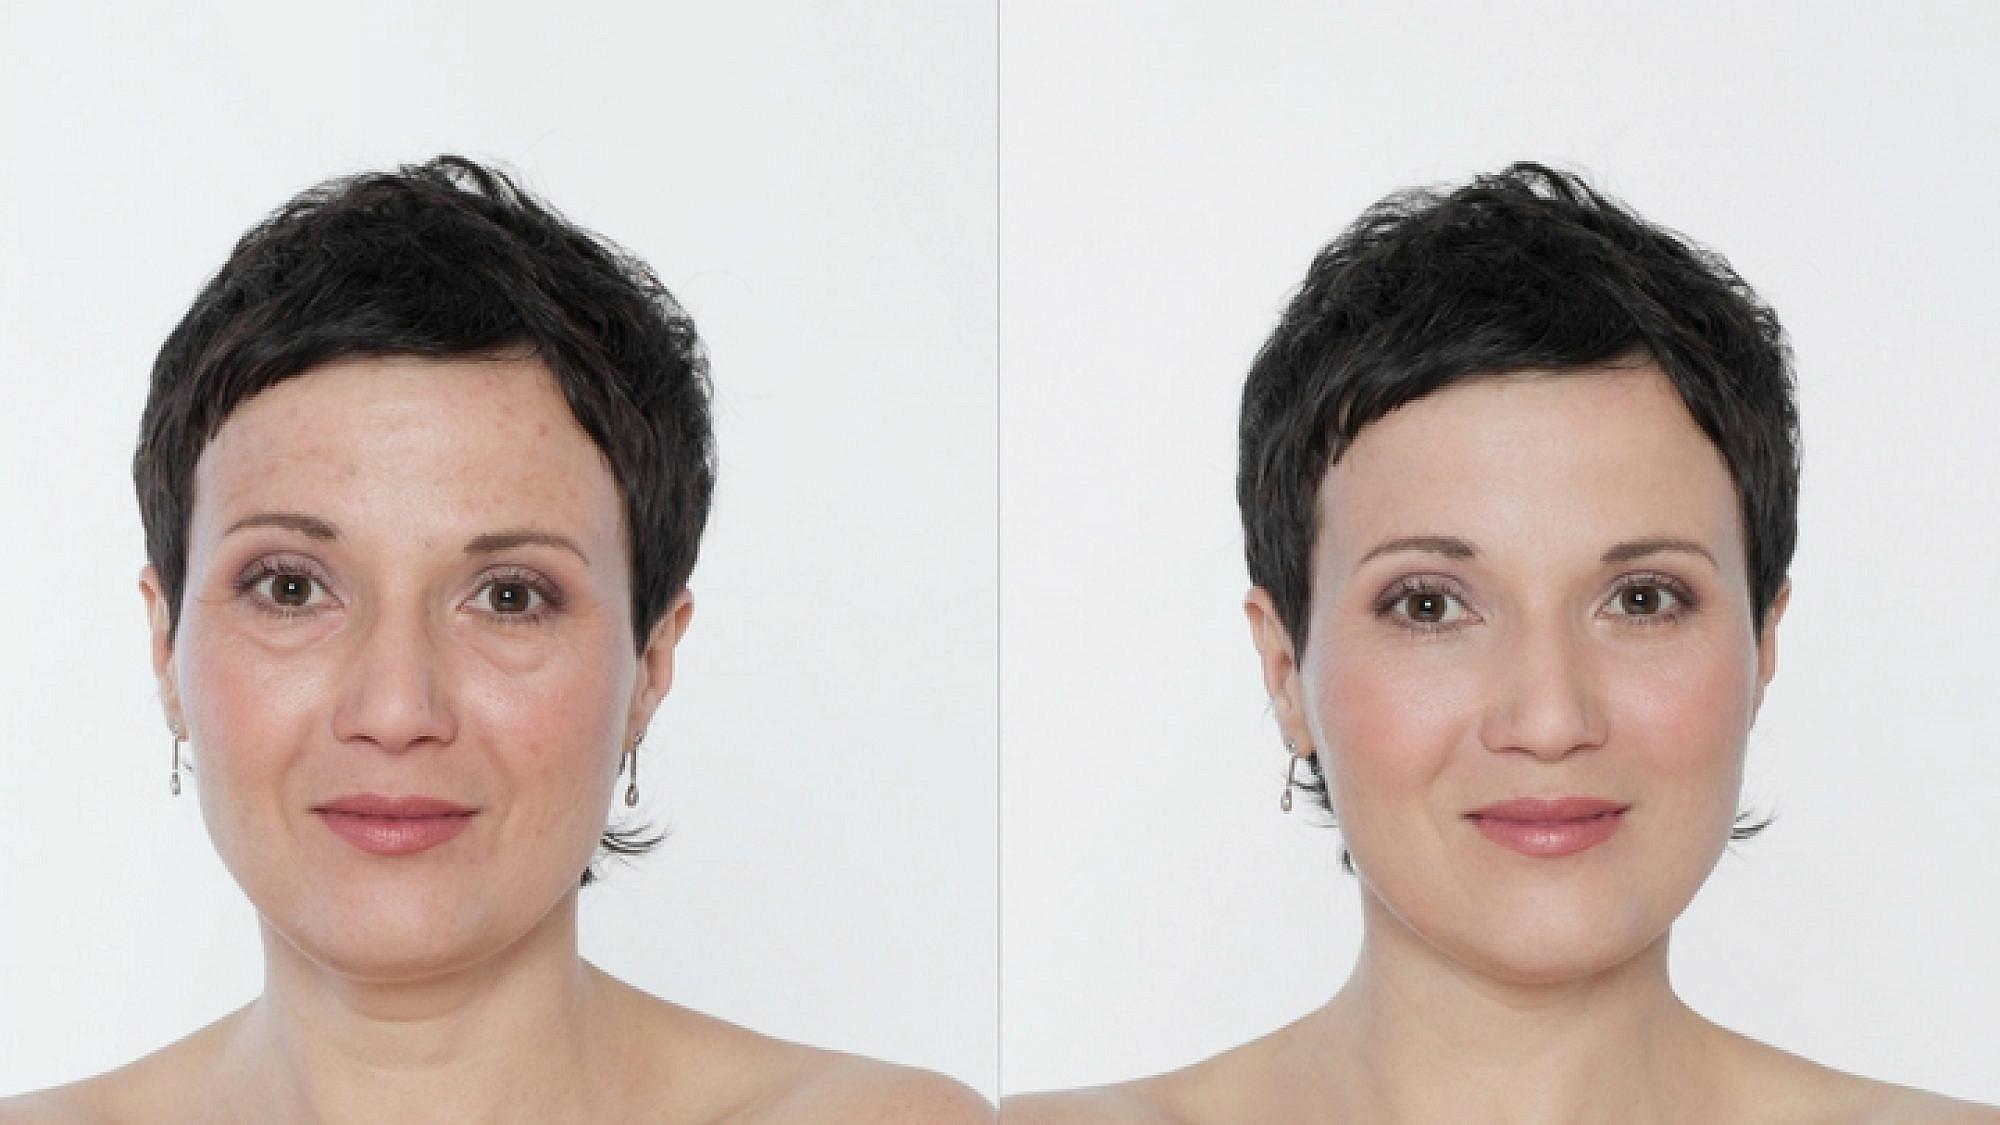 לפני ואחרי טיפול פילינג | צילום: Shutterstock